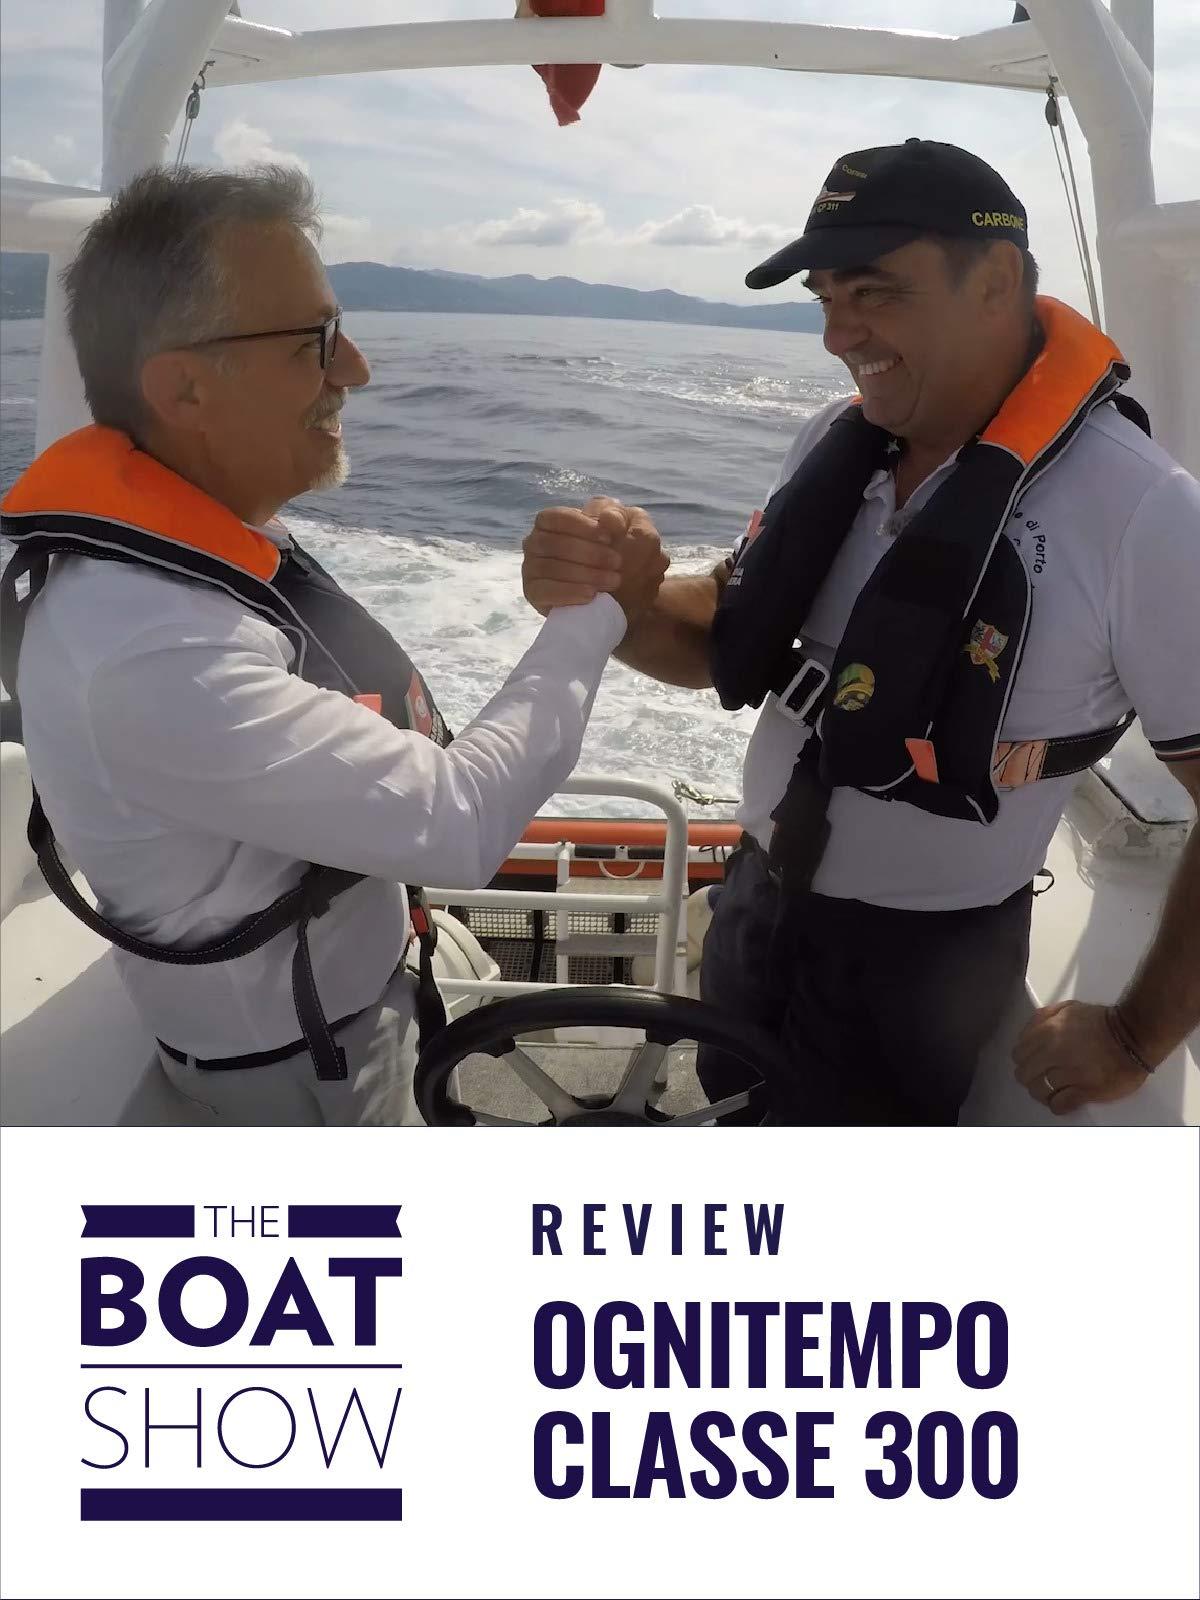 Clip: Ognitempo Classe 300 - The Boat Show